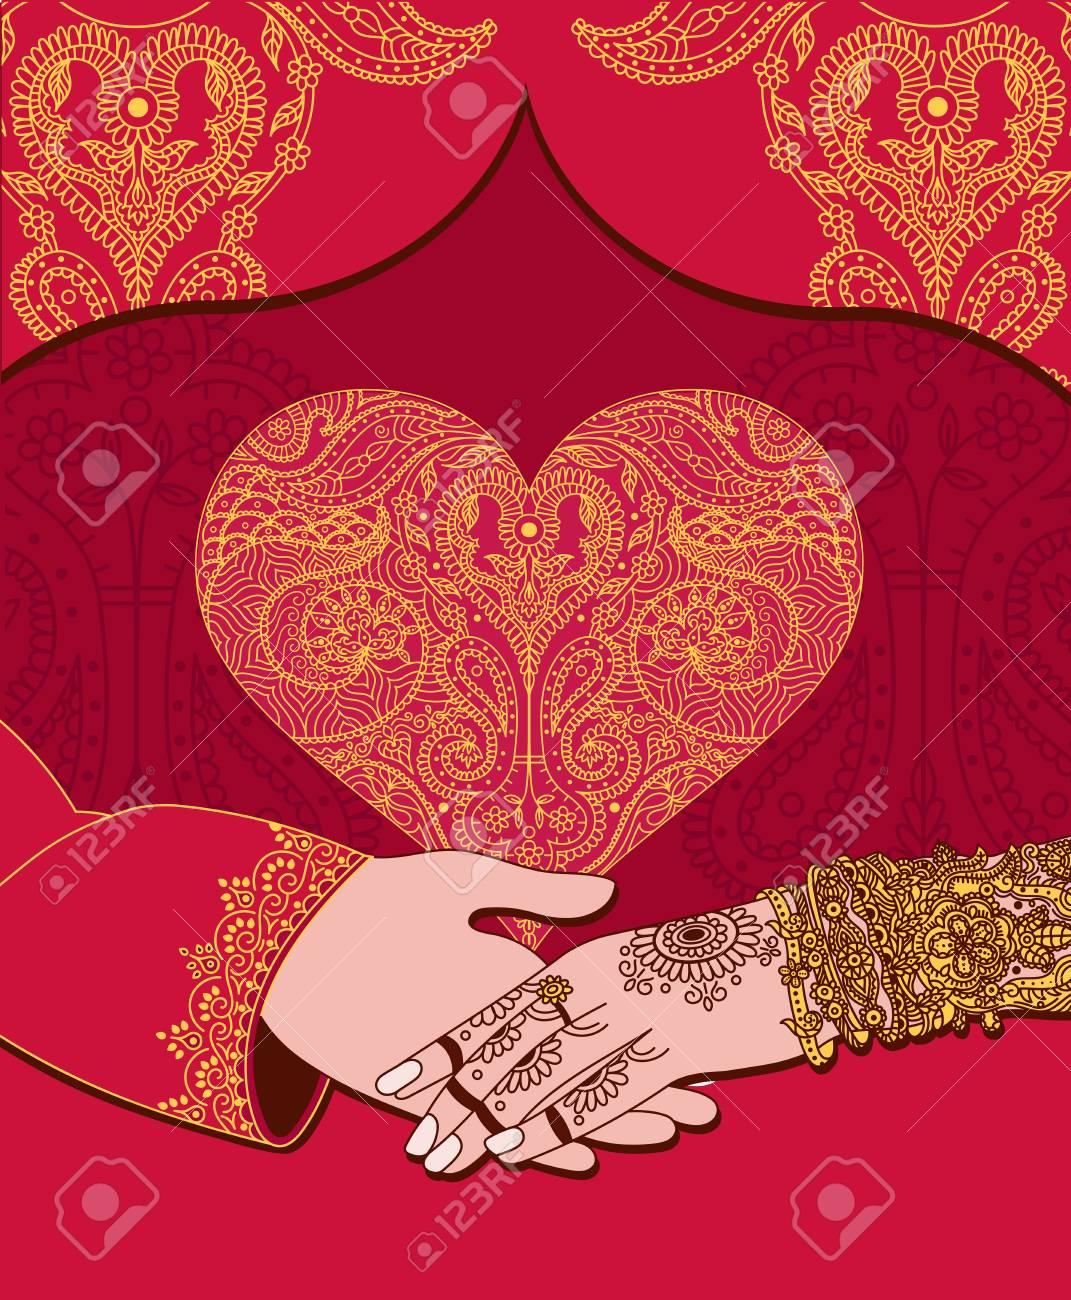 Carte D Invitation Indienne De Mariage Avec Coeur D Or Modele De Mariage Inde Main Magnifiquement Decoree Mariee Indienne Gros Plan Du Marie Tenant La Main Des Mariees Mariee Indienne Avec Mehandi A La